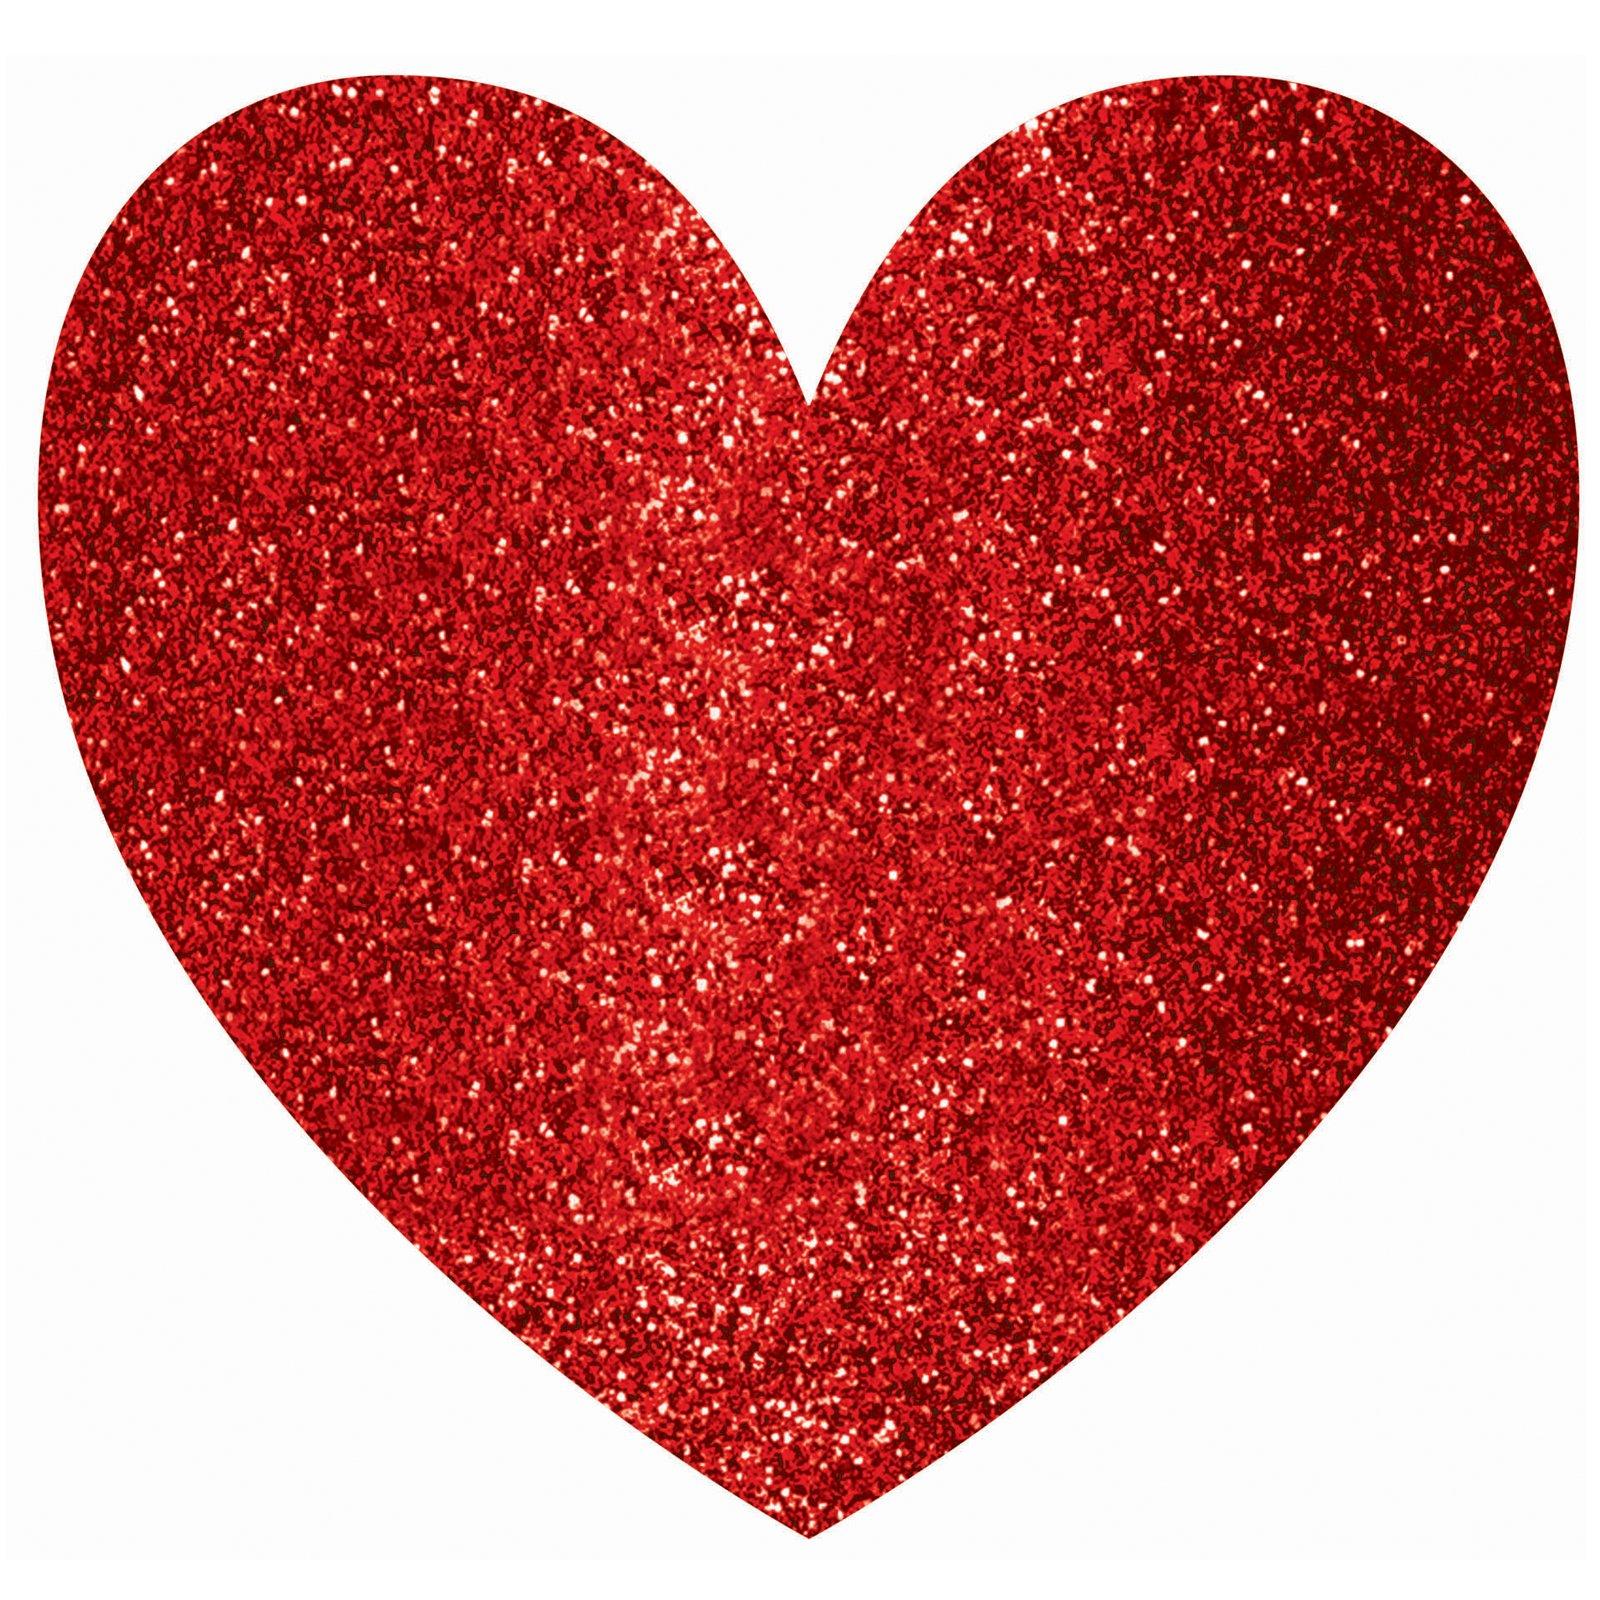 Glitter Valentine's Day Hearts Clip Art